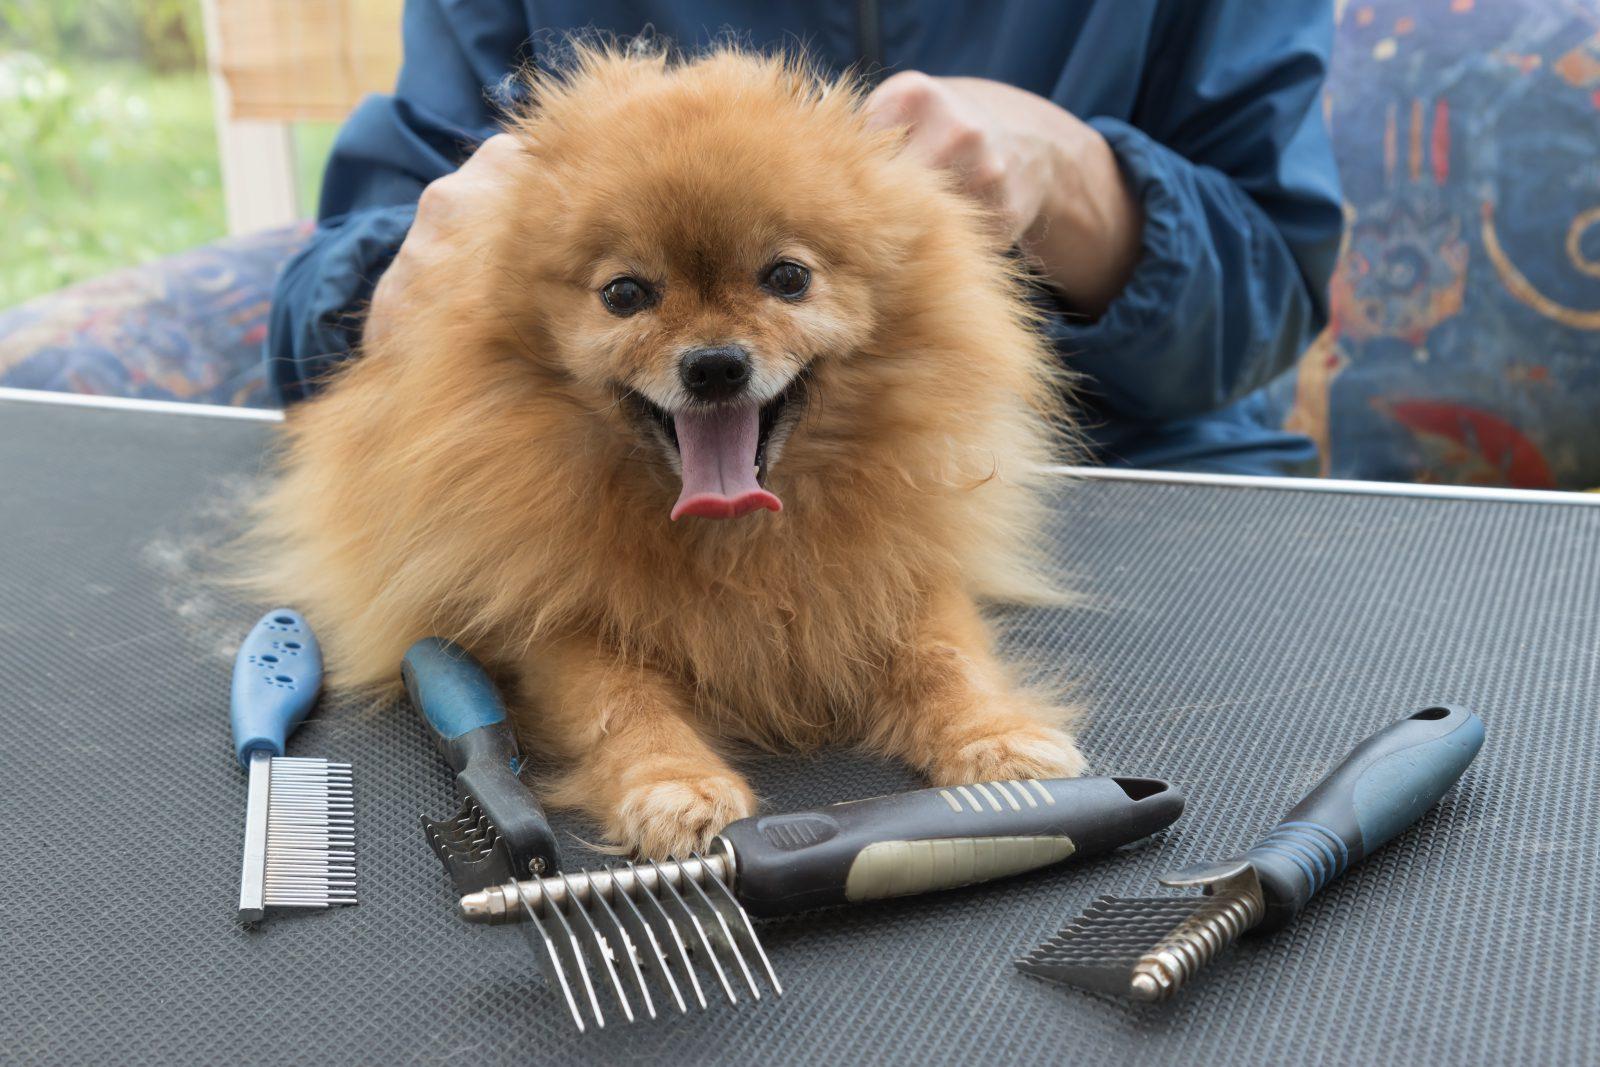 máquina de tosar cachorro  Lulu da Pomerância sendo cuidado antes da tosa c90e37137cf1